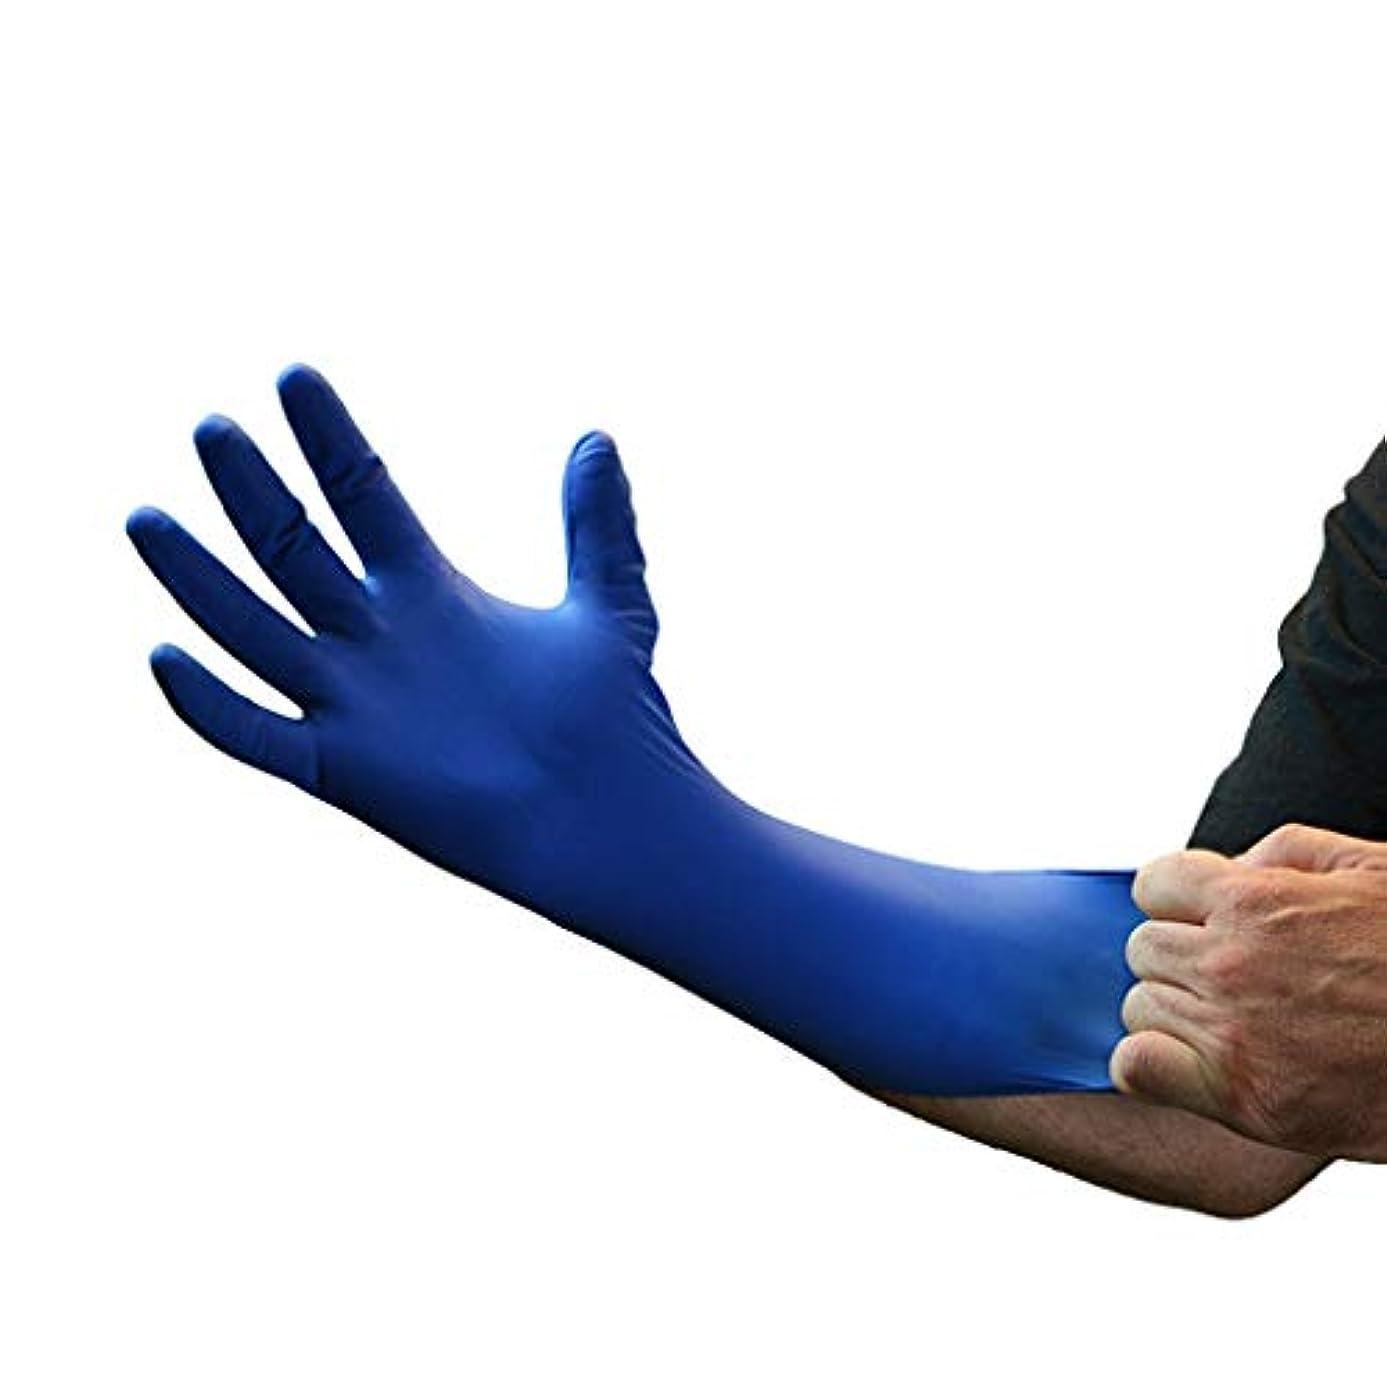 段階丁寧高速道路使い捨てニトリル手袋耐久性のあるニトリルダークブルーパウダーフリー厚い実験室耐性溶剤酸とアルカリ YANW (色 : Dark blue, サイズ さいず : Xl xl)